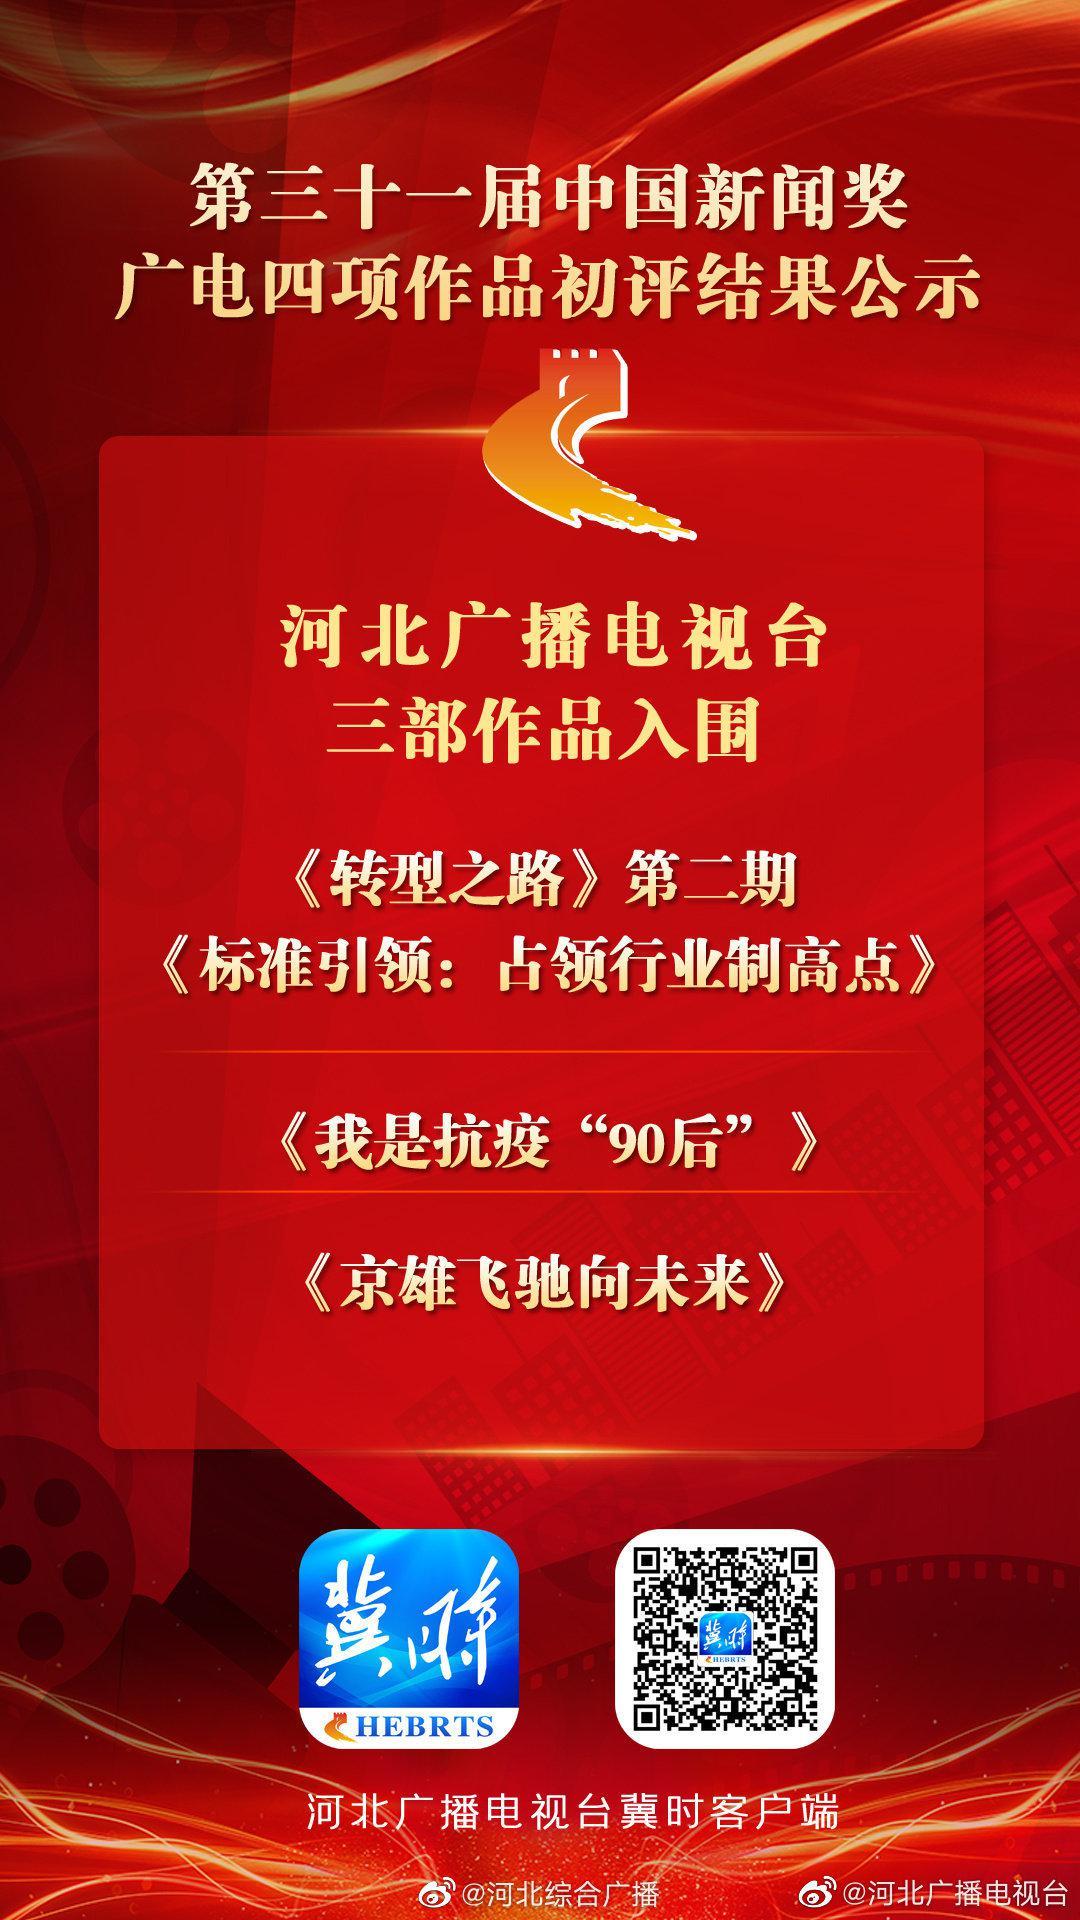 第三十一届中国新闻奖广电四项作品初评结果公示 河北广播电视台三部作品入围